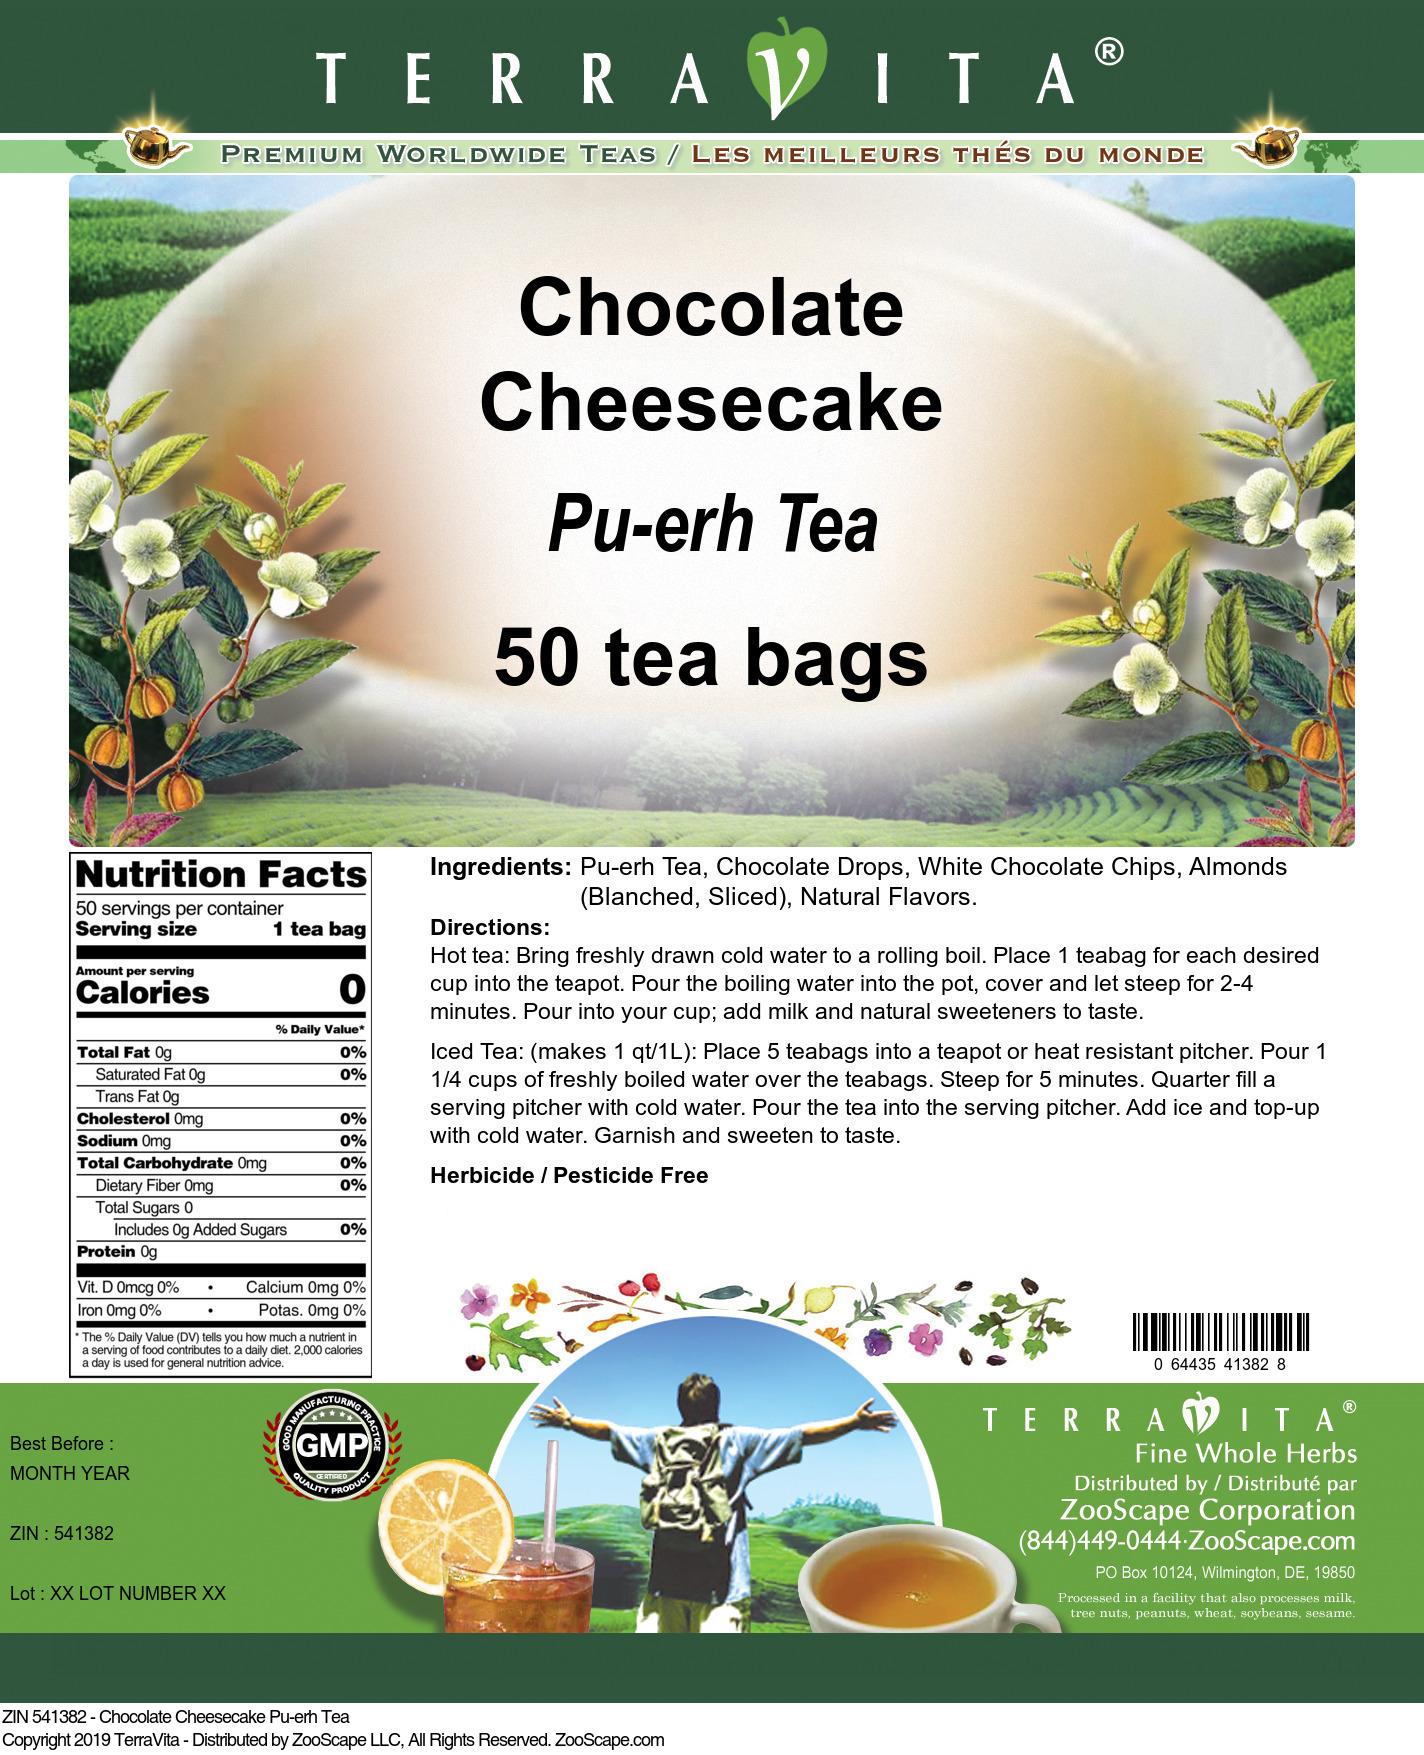 Chocolate Cheesecake Pu-erh Tea